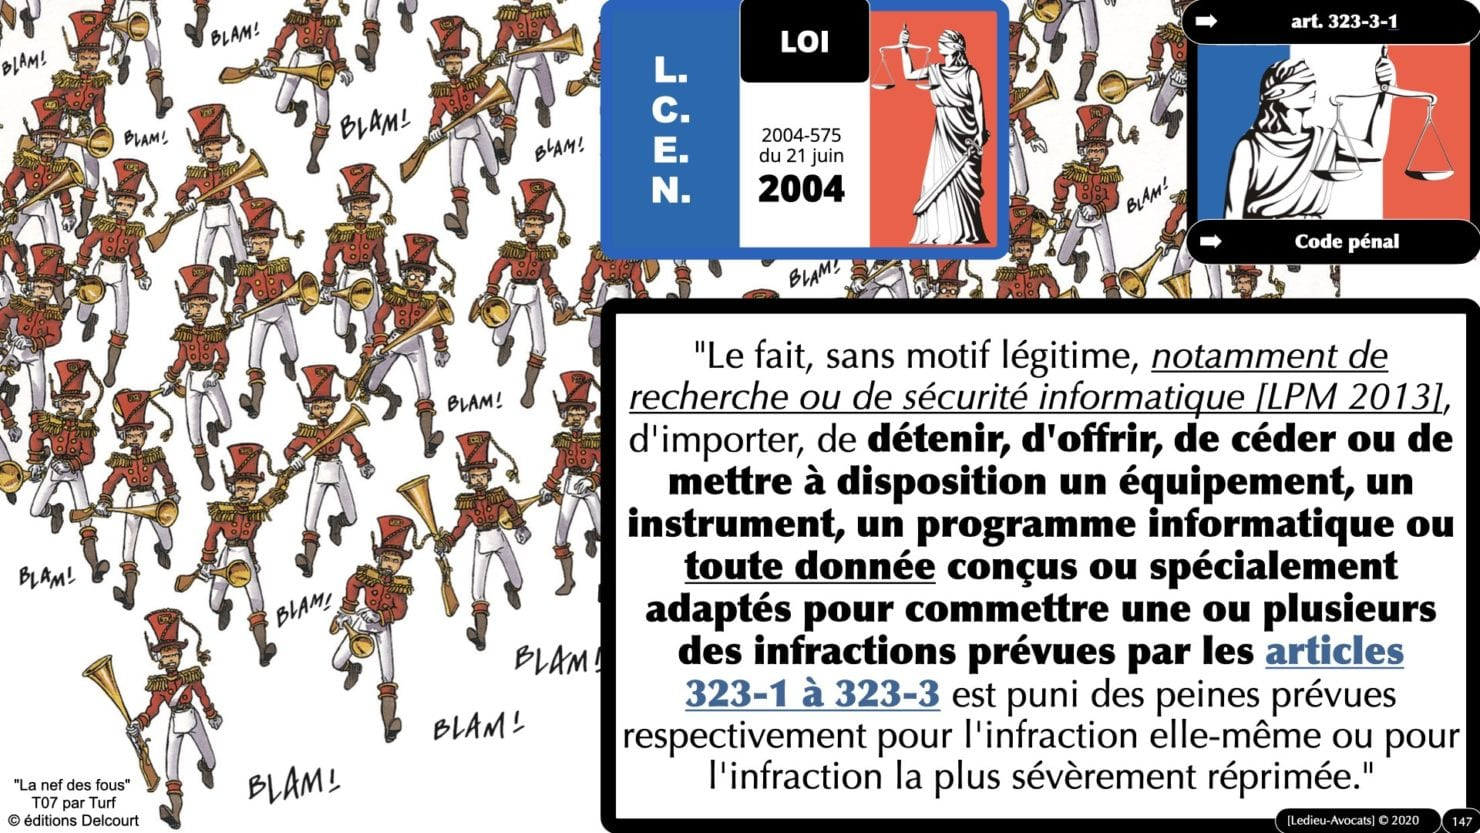 333 CYBER ATTAQUE responsabilité pénale civile contrat © Ledieu-Avocats 23-05-2021.147